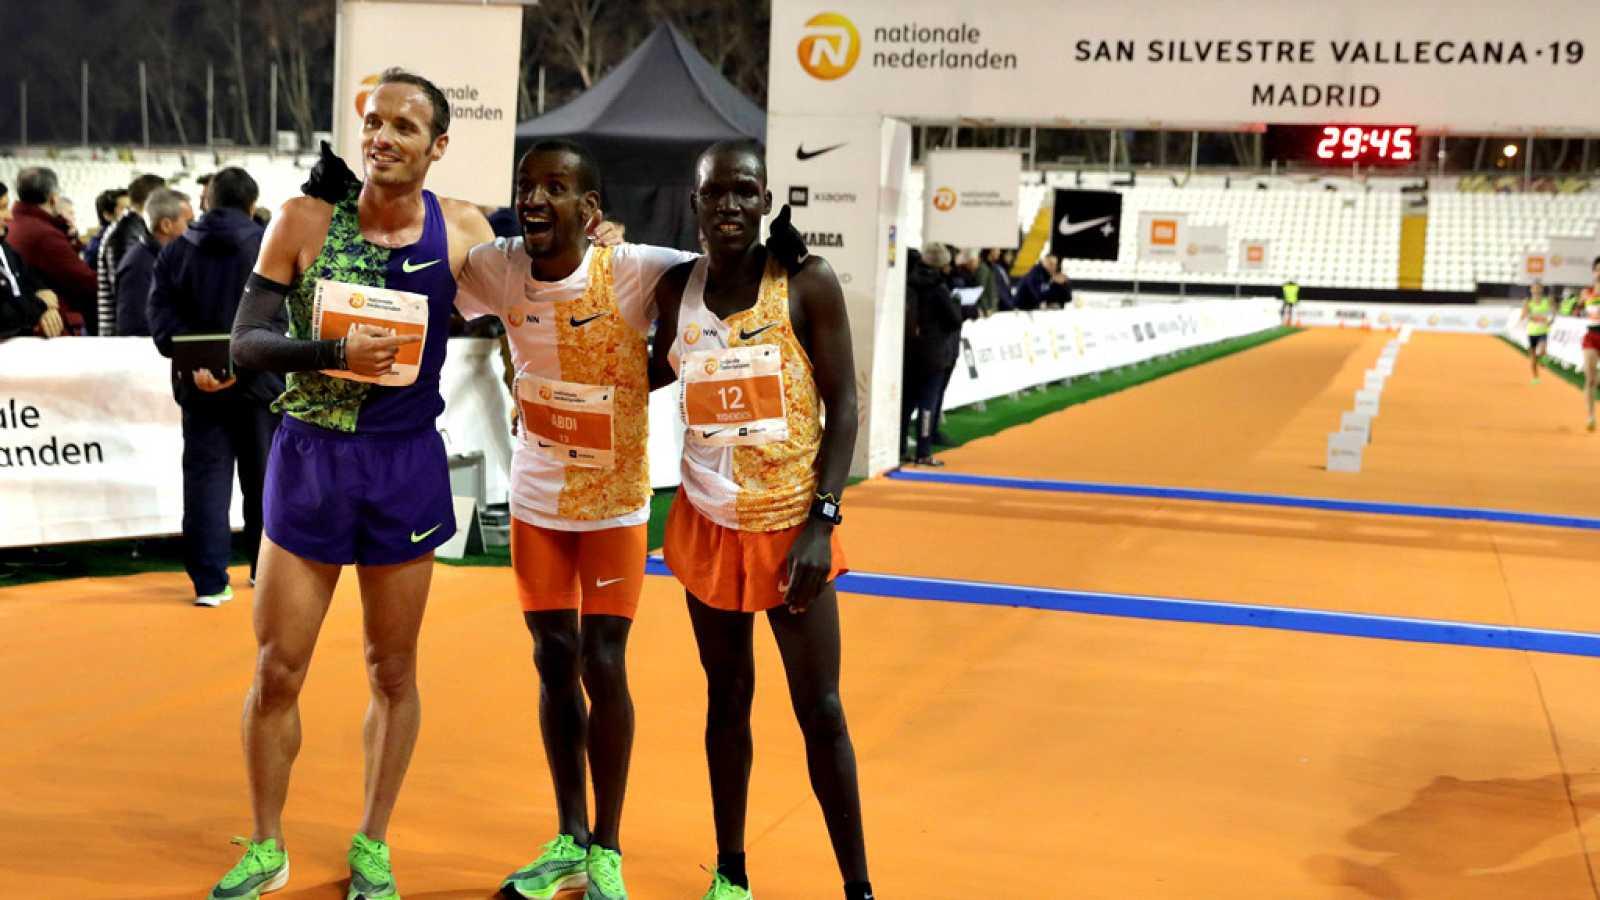 El belga de origen somalí Bashir Abdi, con un tiempo de 27:47, y la etíope Helen Bekele Tola (30:50) conquistaron la 55 edición de la Nationale-Nederlanden San Silvestre Vallecana, que congregó a 42.000 corredores para estrenar la Etiqueta de Oro oto